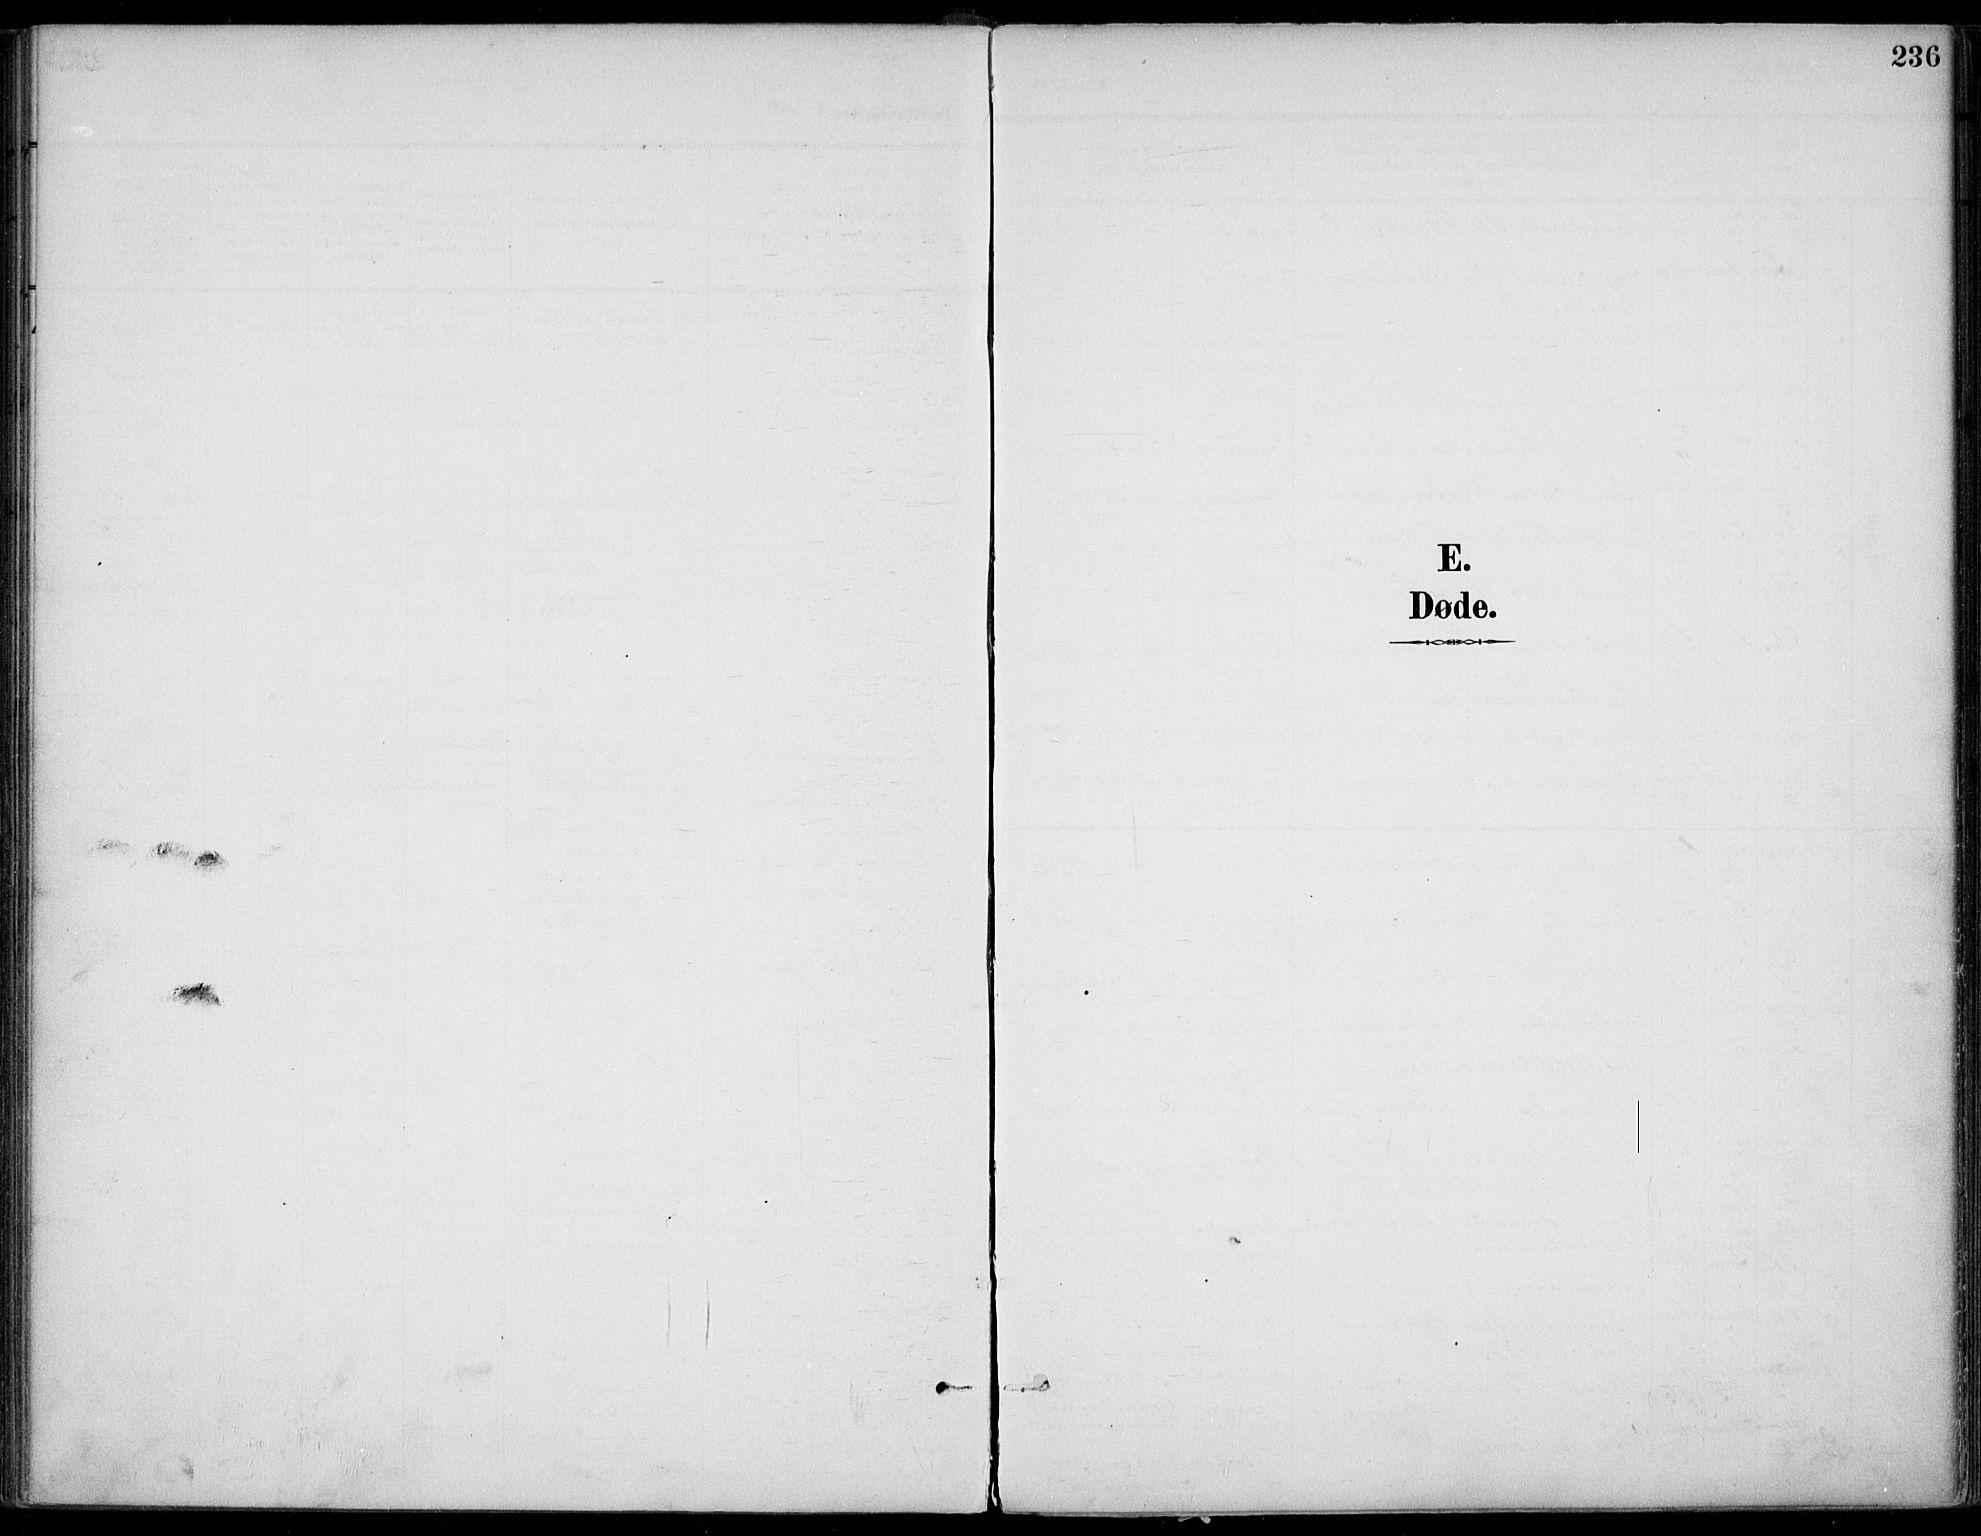 SAKO, Gjerpen kirkebøker, F/Fa/L0011: Ministerialbok nr. 11, 1896-1904, s. 236